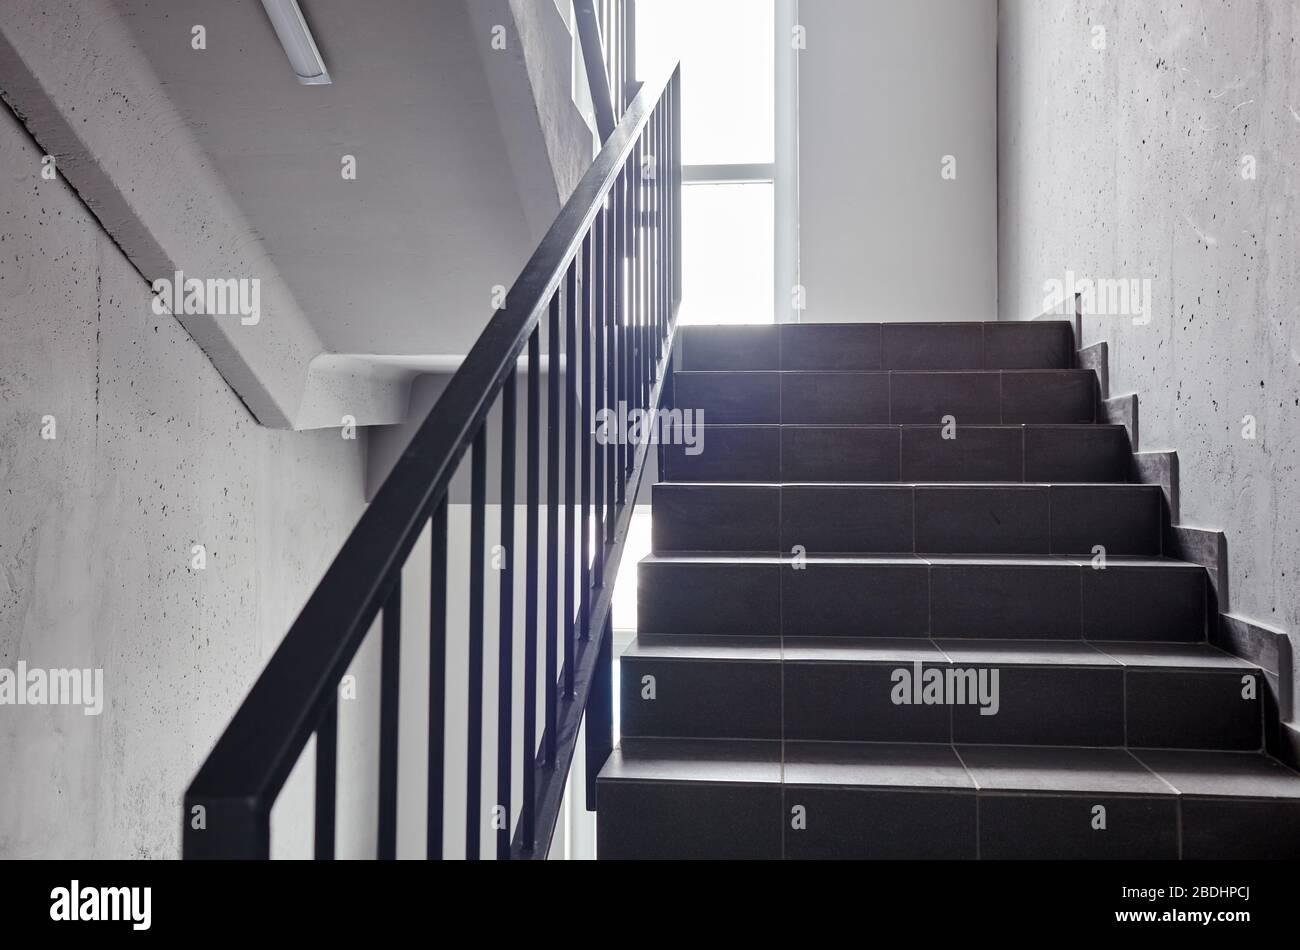 Escalera - salida de emergencia en el hotel o edificio de oficinas, escalera de acceso, escaleras interiores. Escalera en un edificio moderno Foto de stock